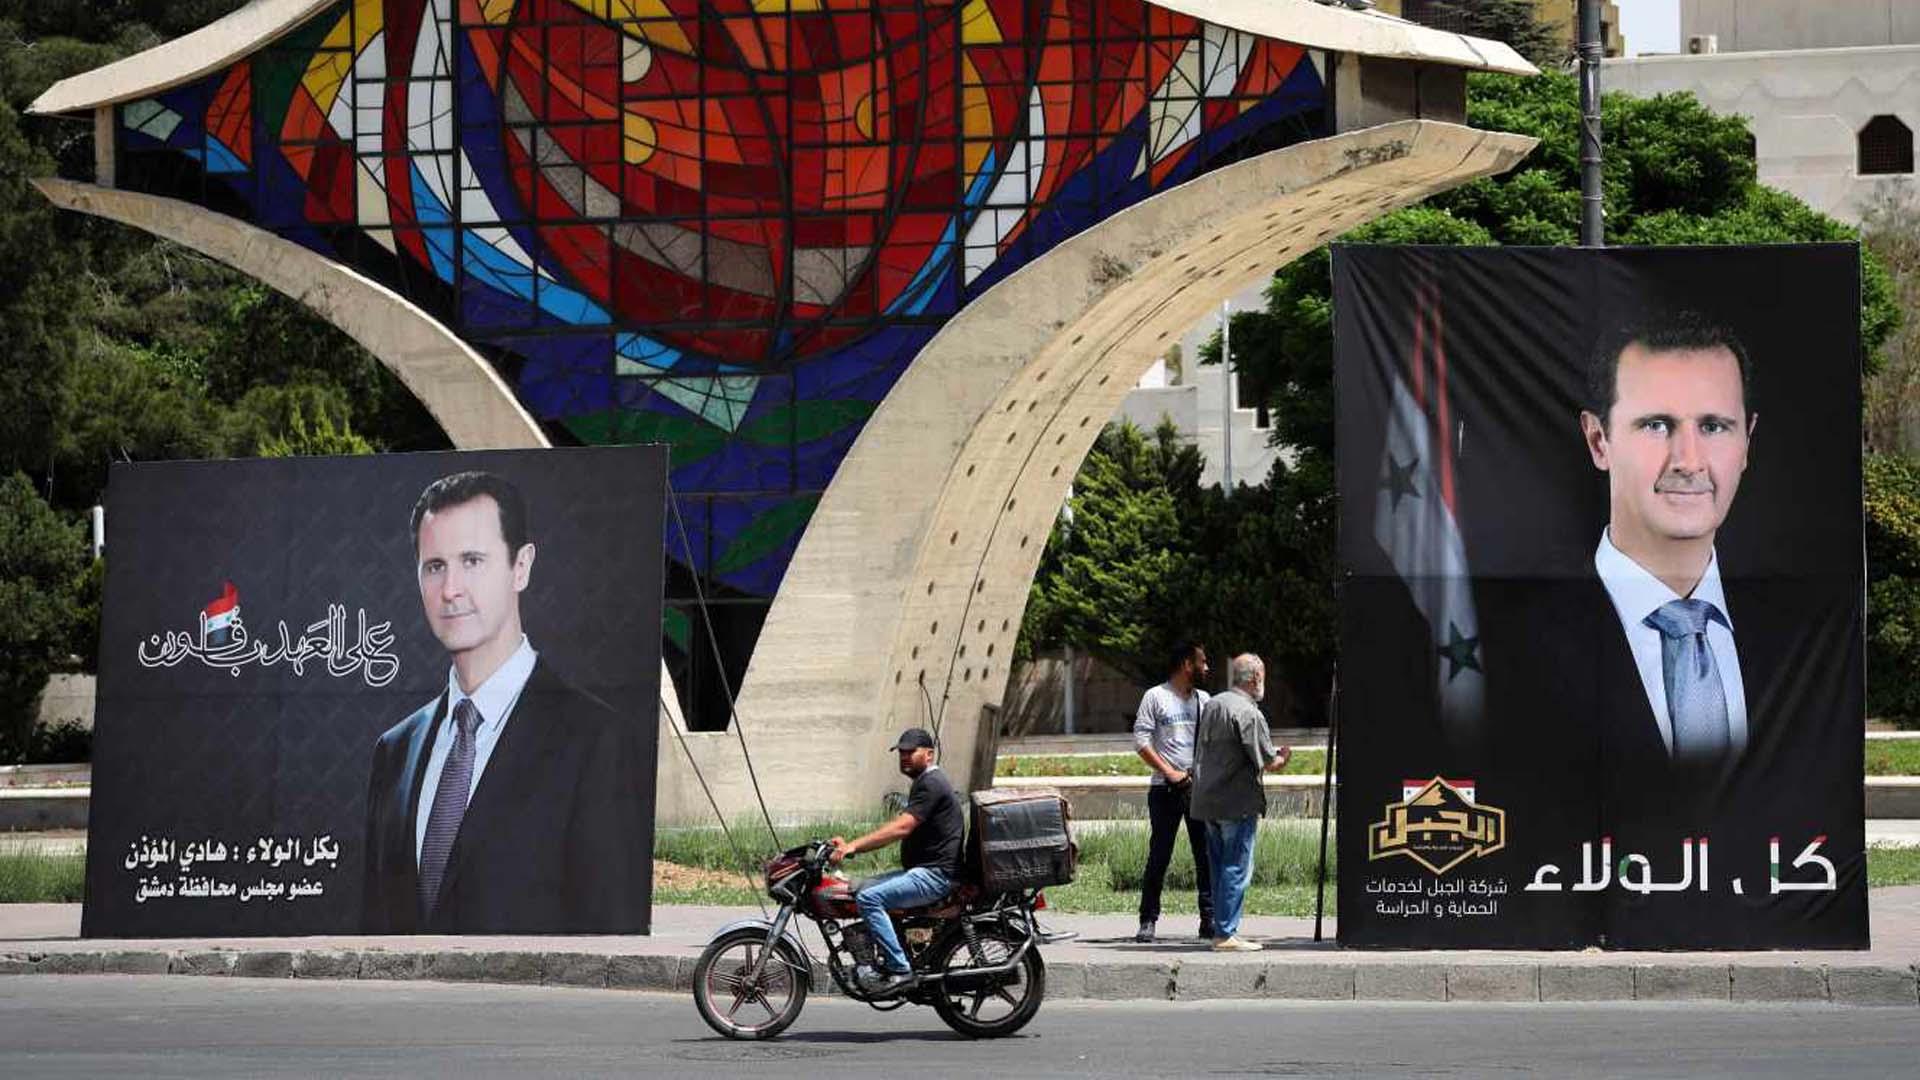 بشار الأسد ينظم انتخابات رئاسية وهميّة في سورية